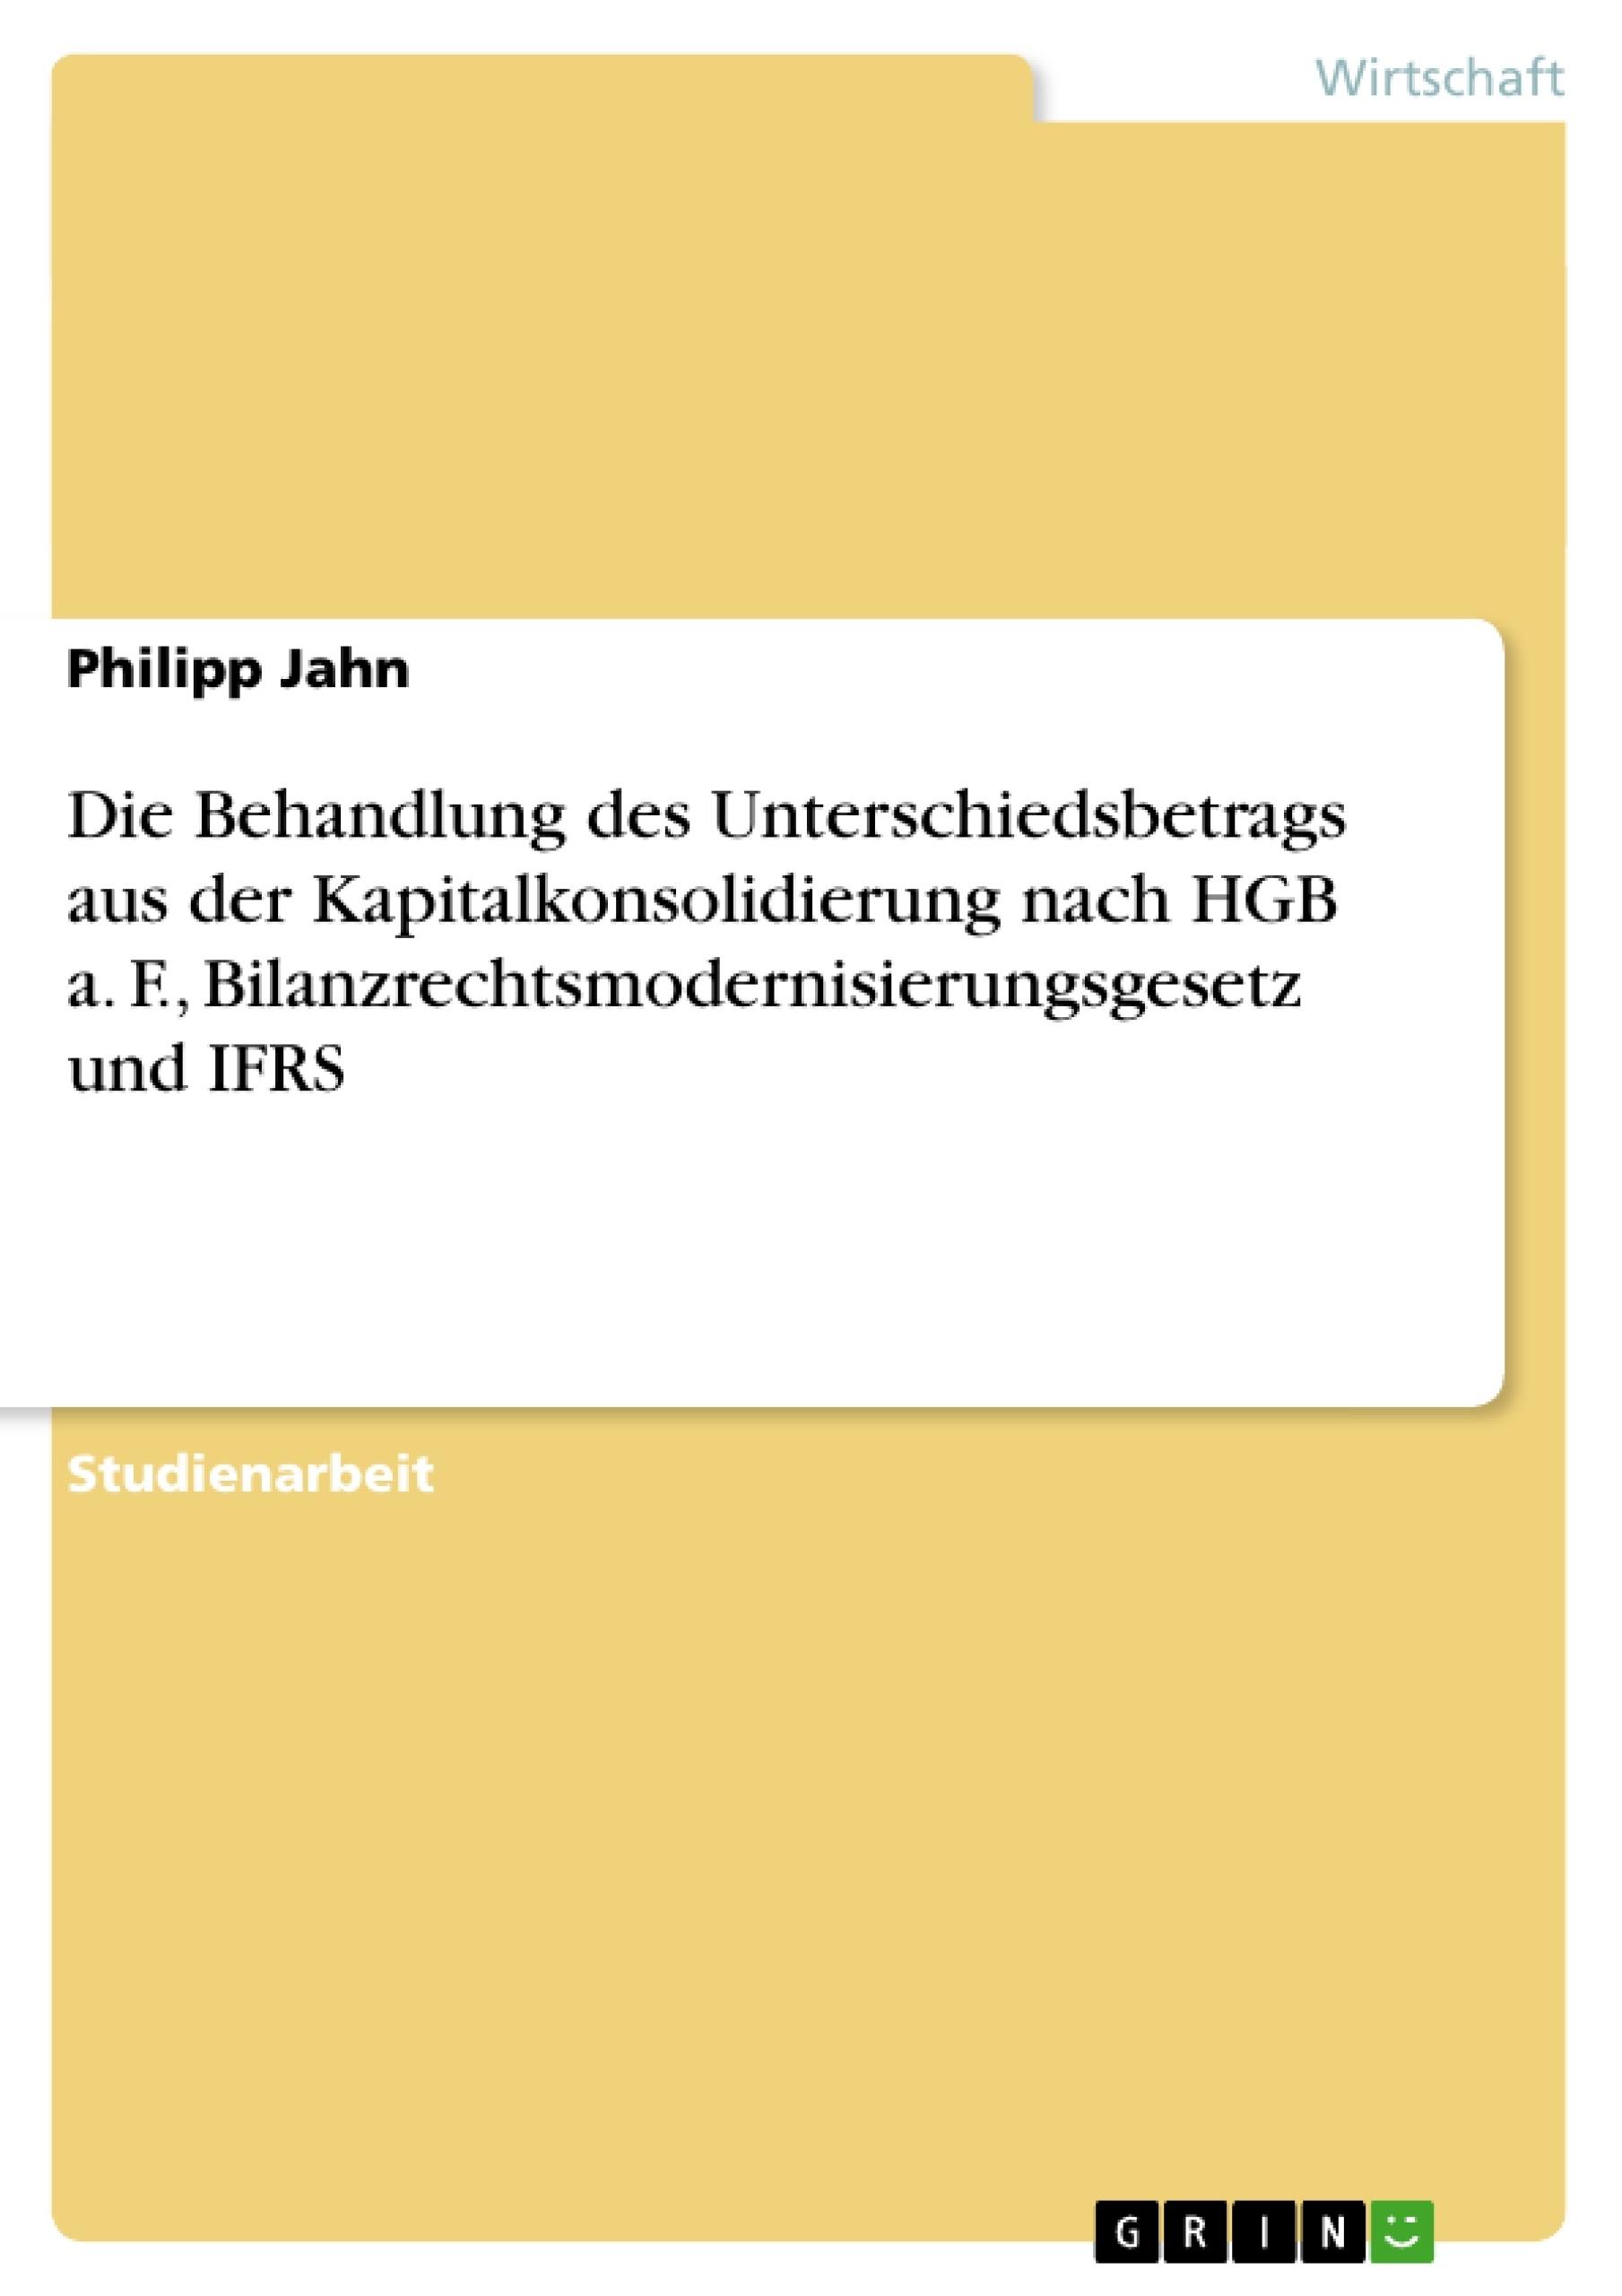 Titel: Die Behandlung des Unterschiedsbetrags aus der Kapitalkonsolidierung nach HGB a. F., Bilanzrechtsmodernisierungsgesetz und IFRS